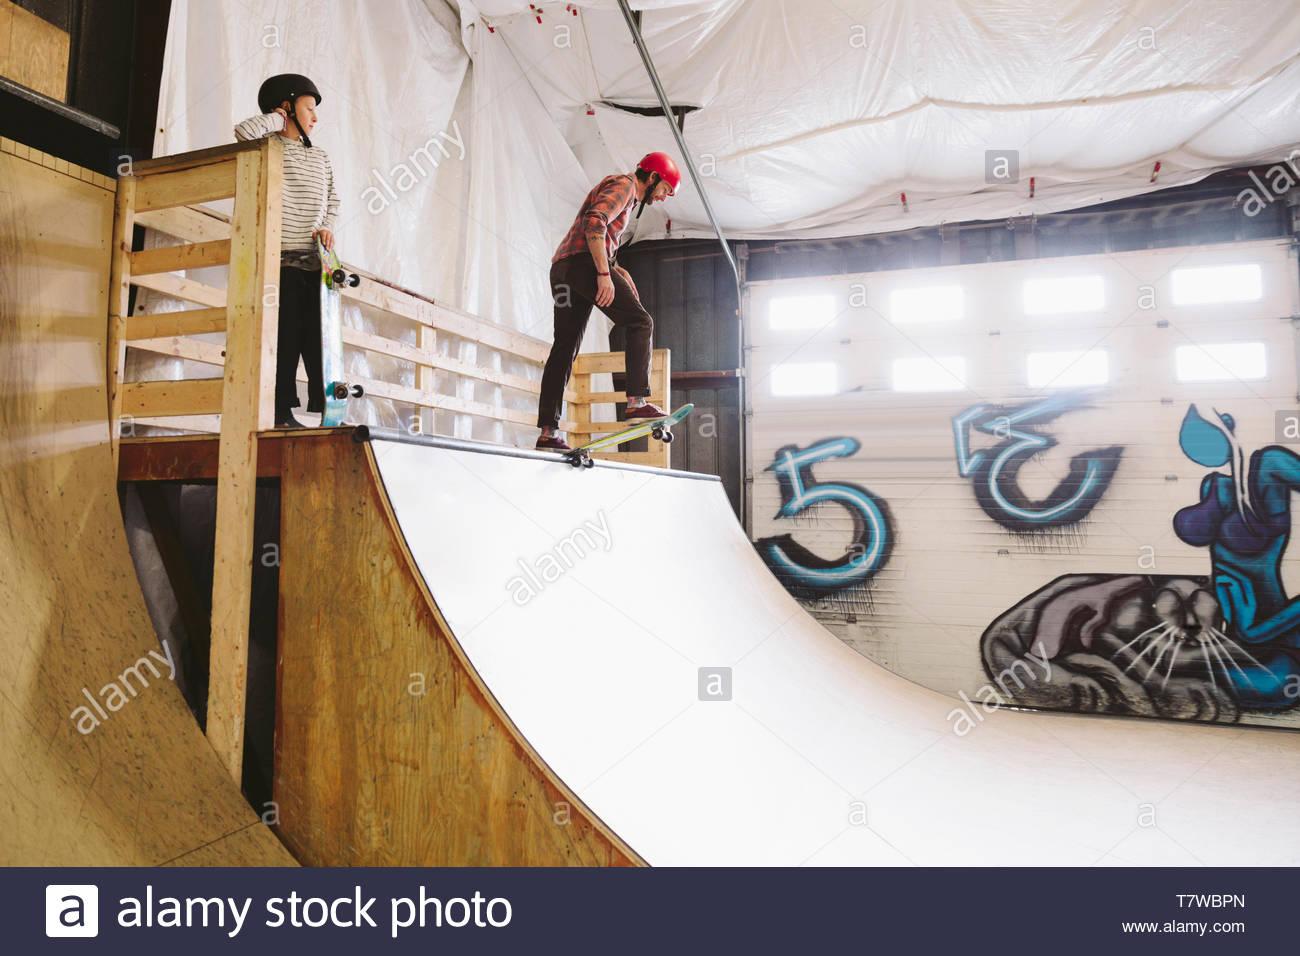 Uomo maturo lo skateboard nella parte superiore della rampa a indoor skate park Immagini Stock